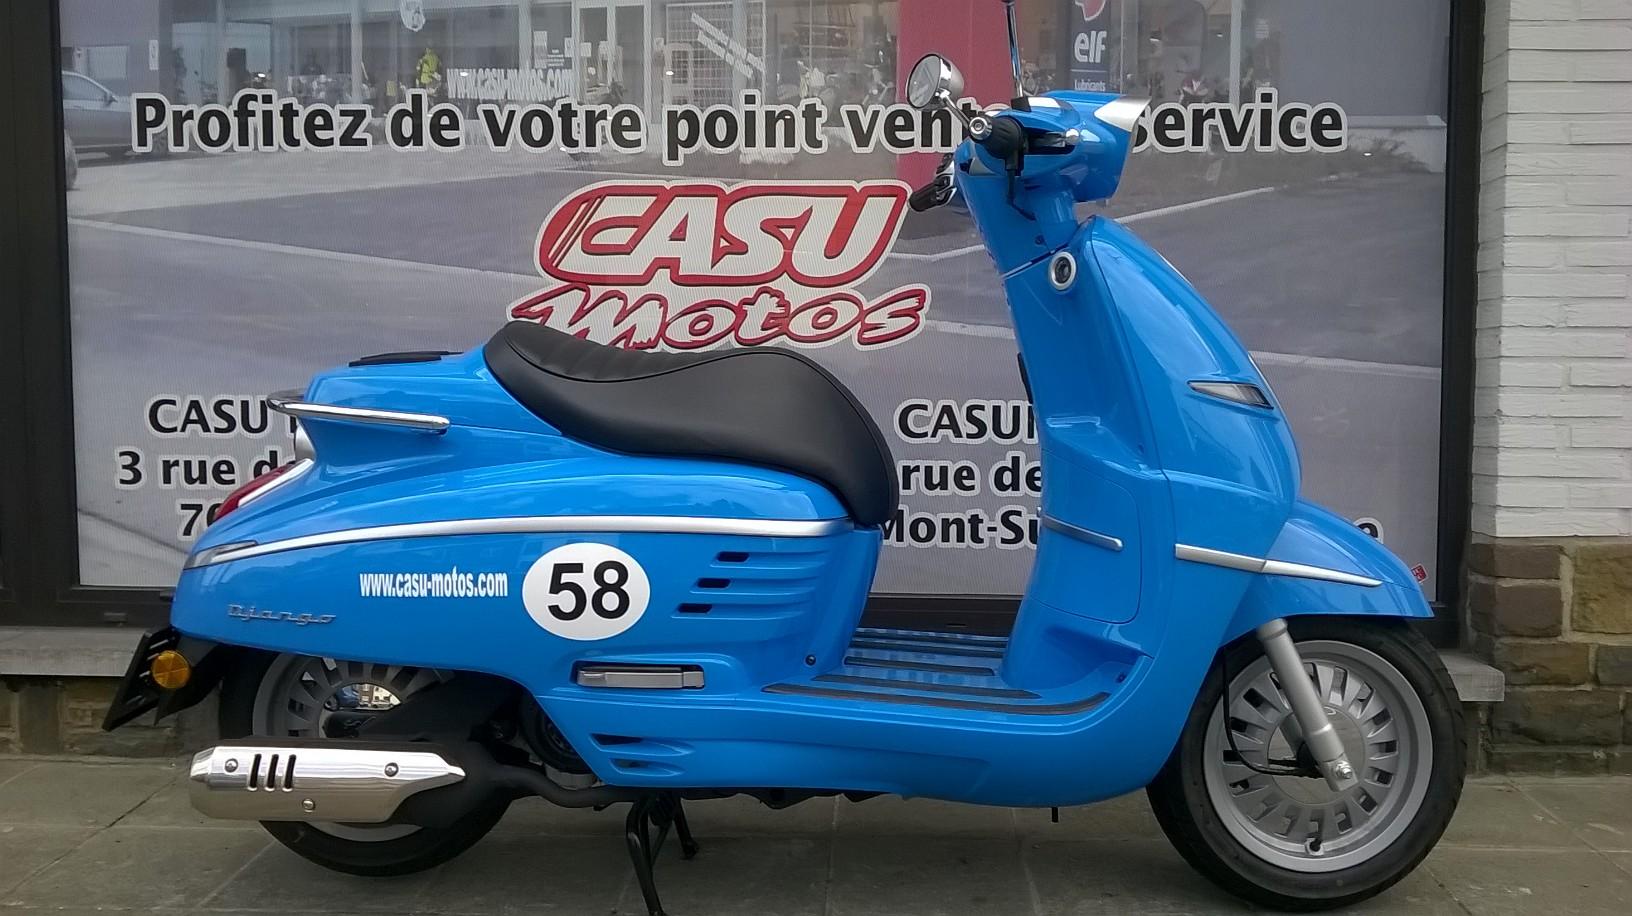 Moto 125 occasion charleroi